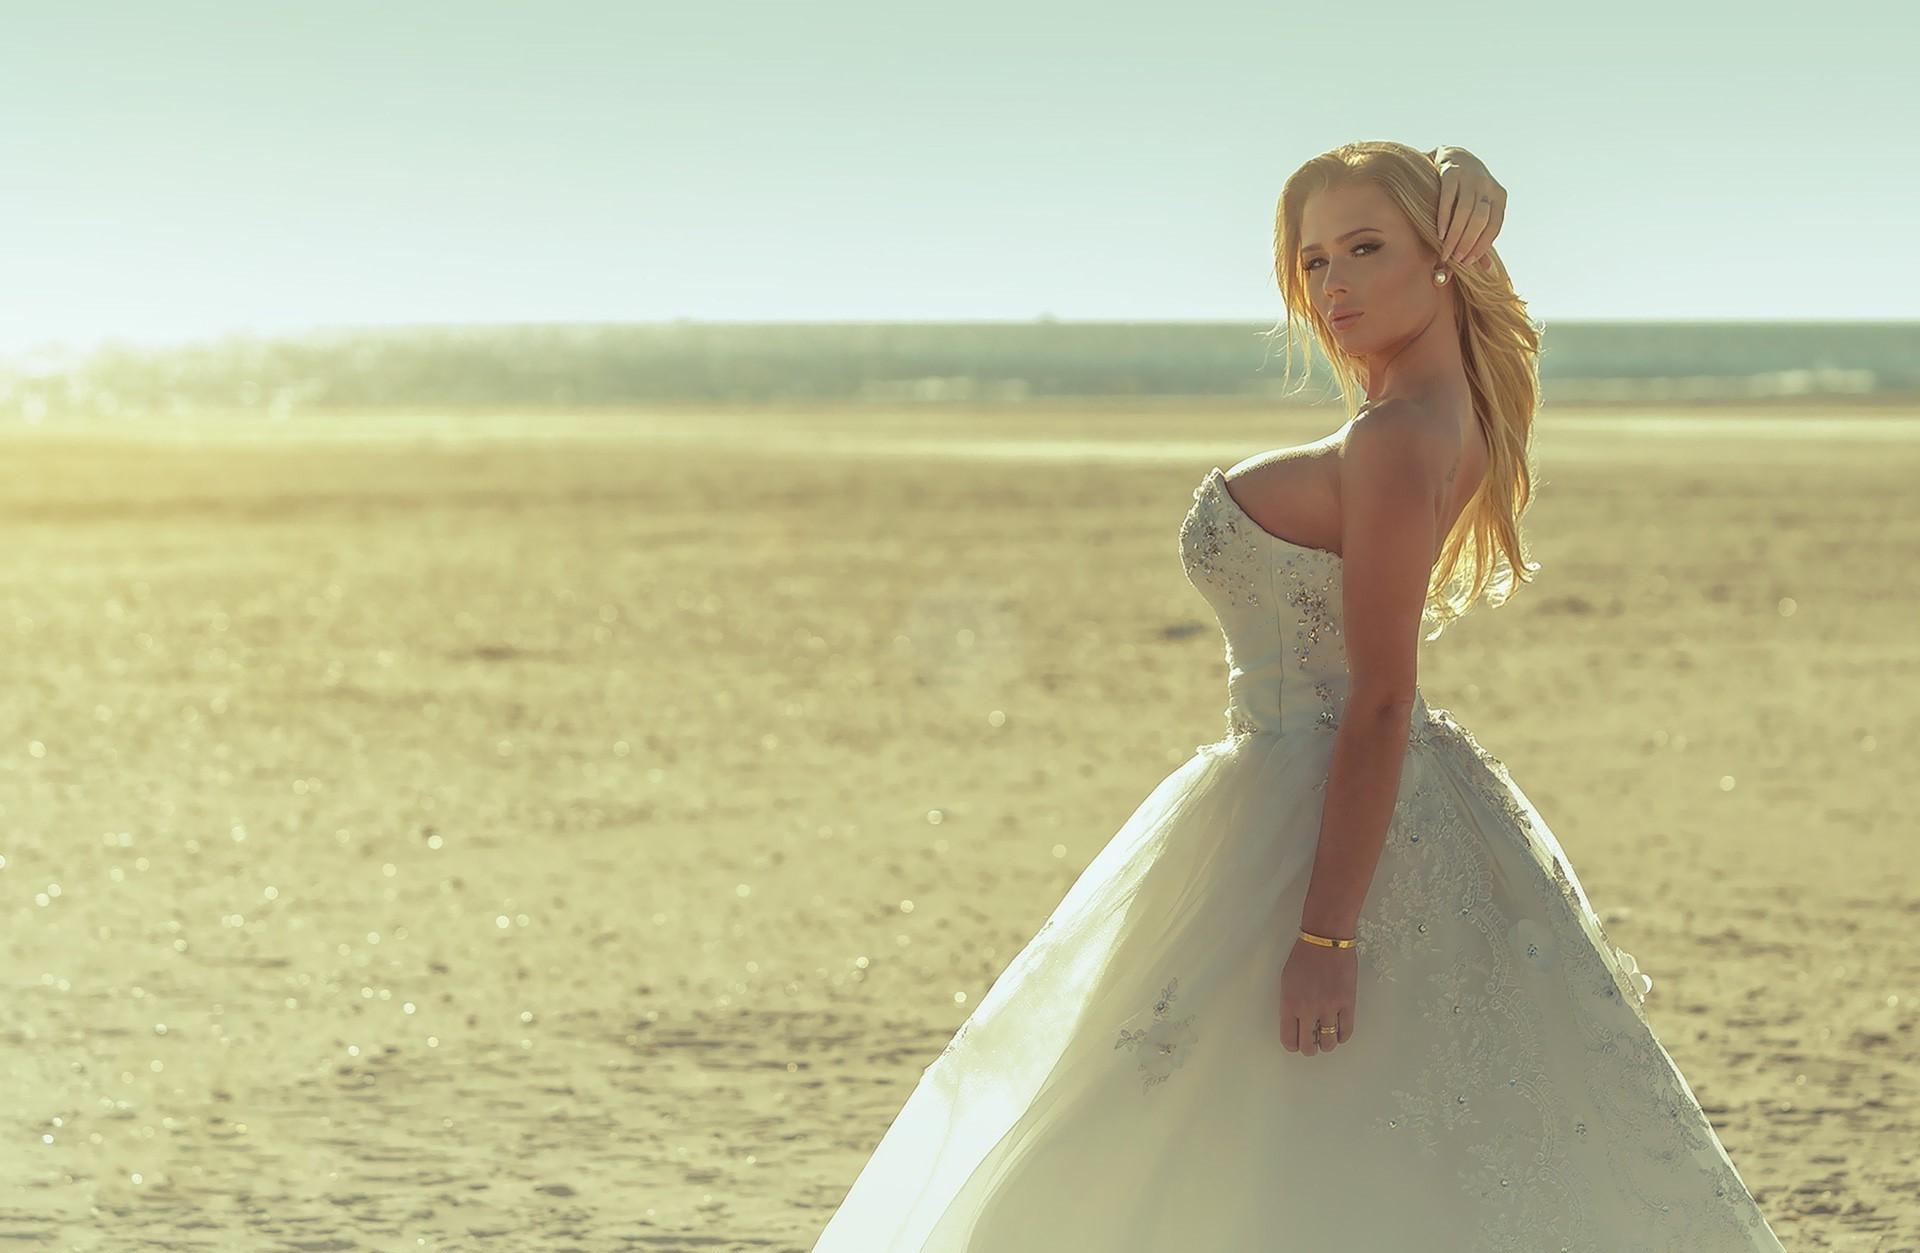 Hintergrundbilder : Frauen im Freien, Frau, Modell-, Sand ...